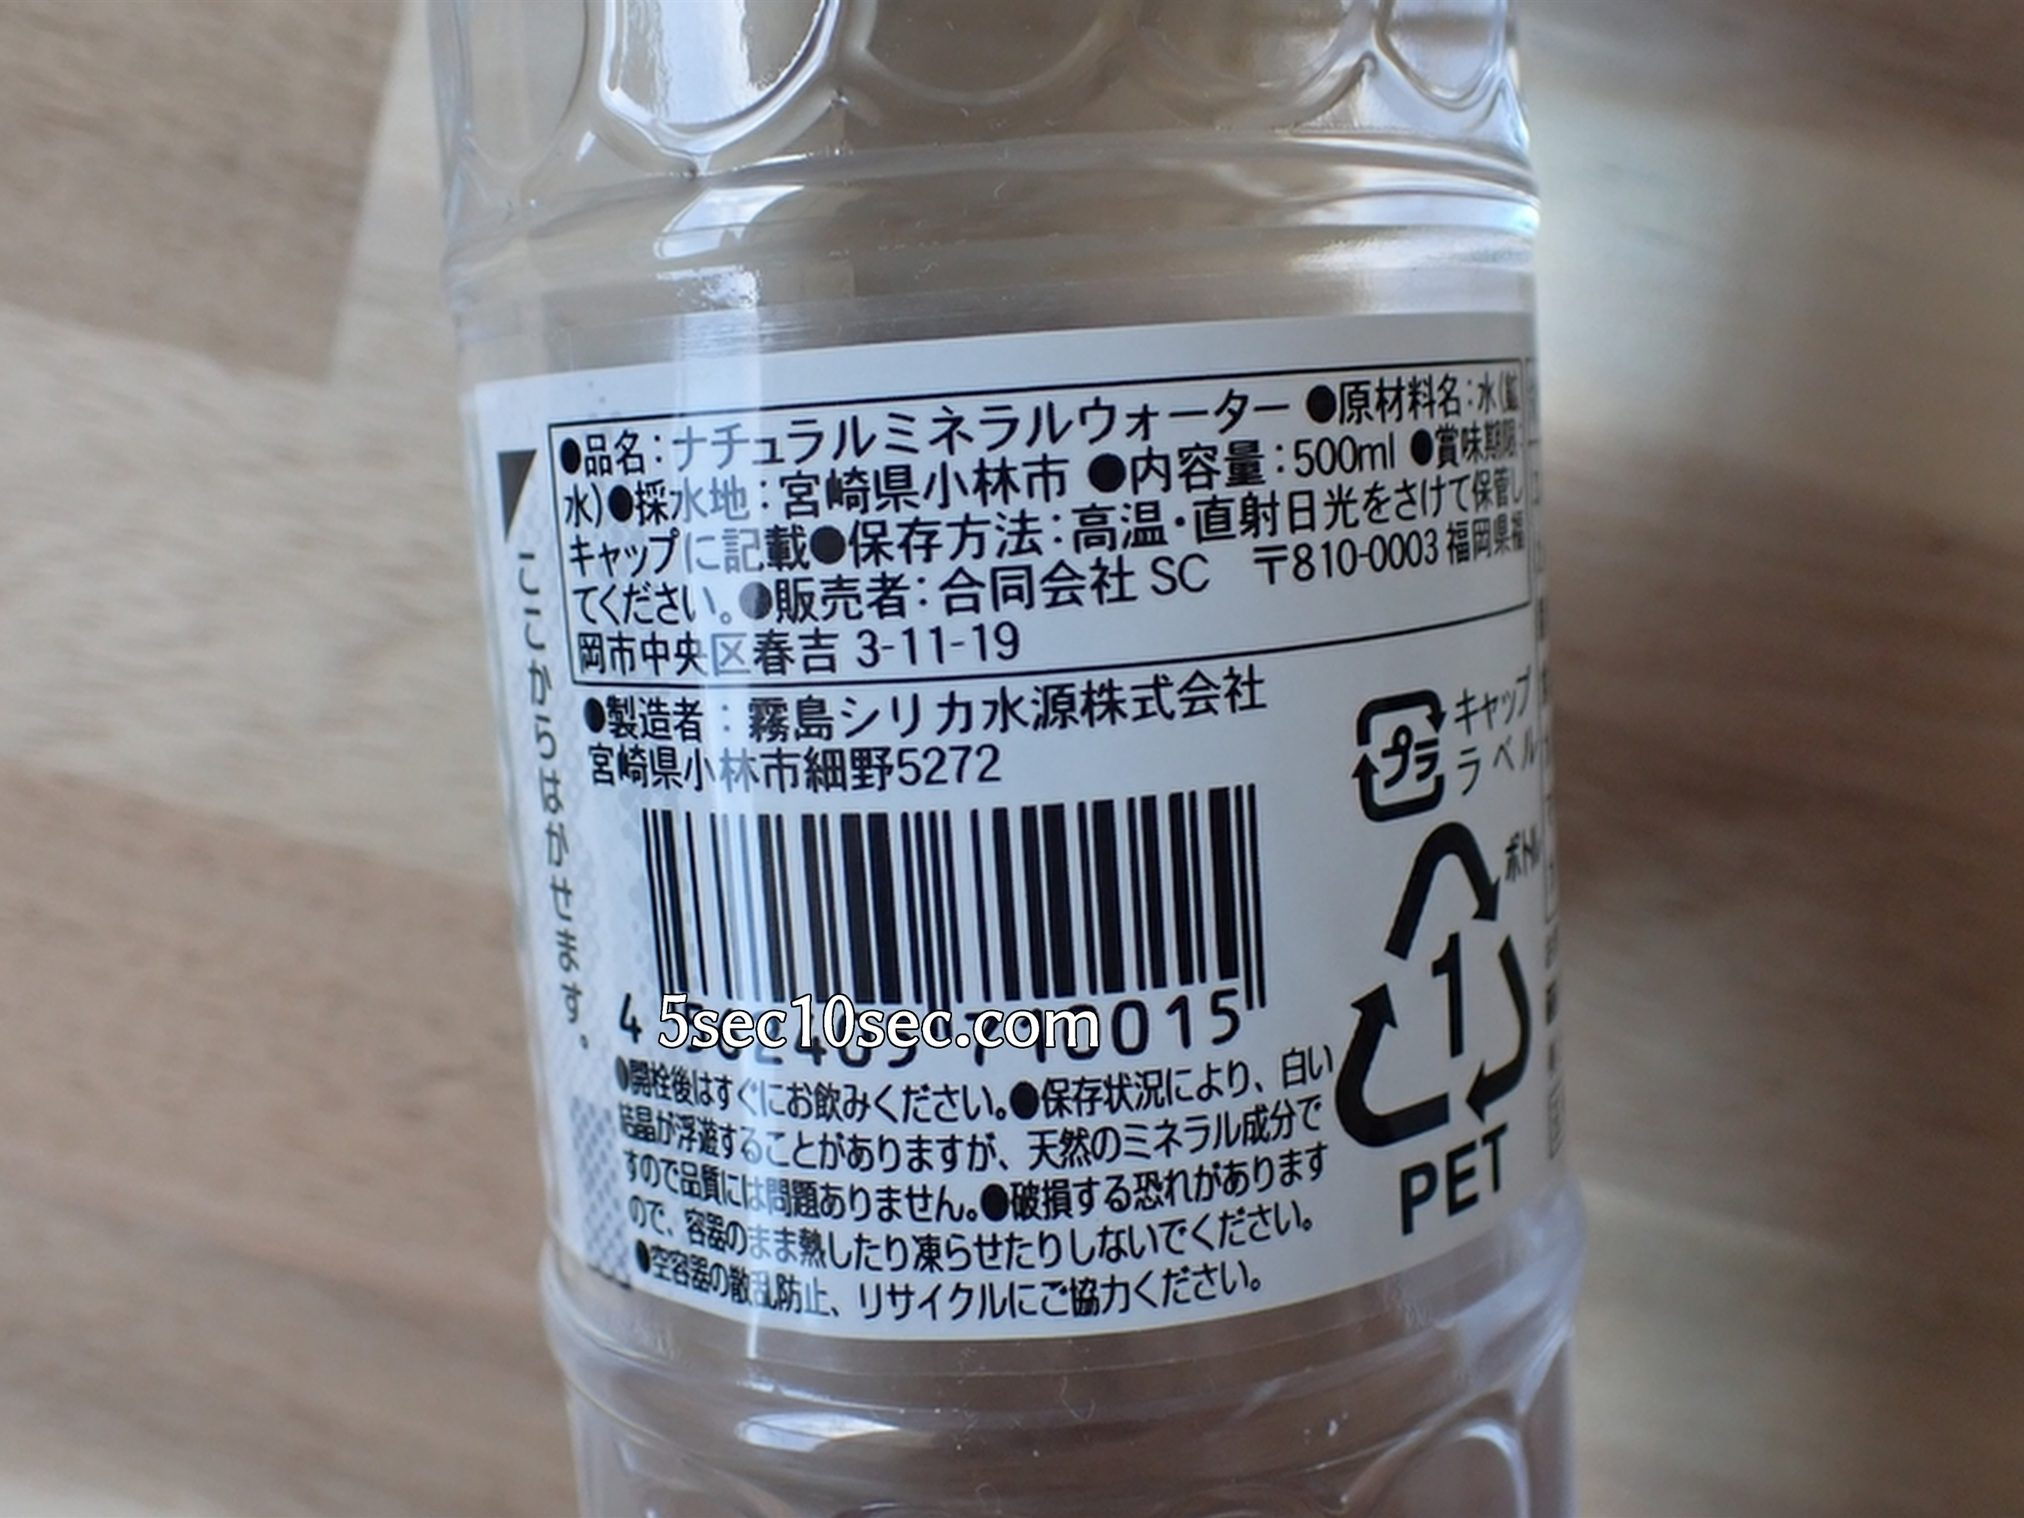 合同会社SC 玉肌シリカ天然水の採水地は宮崎県小林市 霧島連山の天然水です